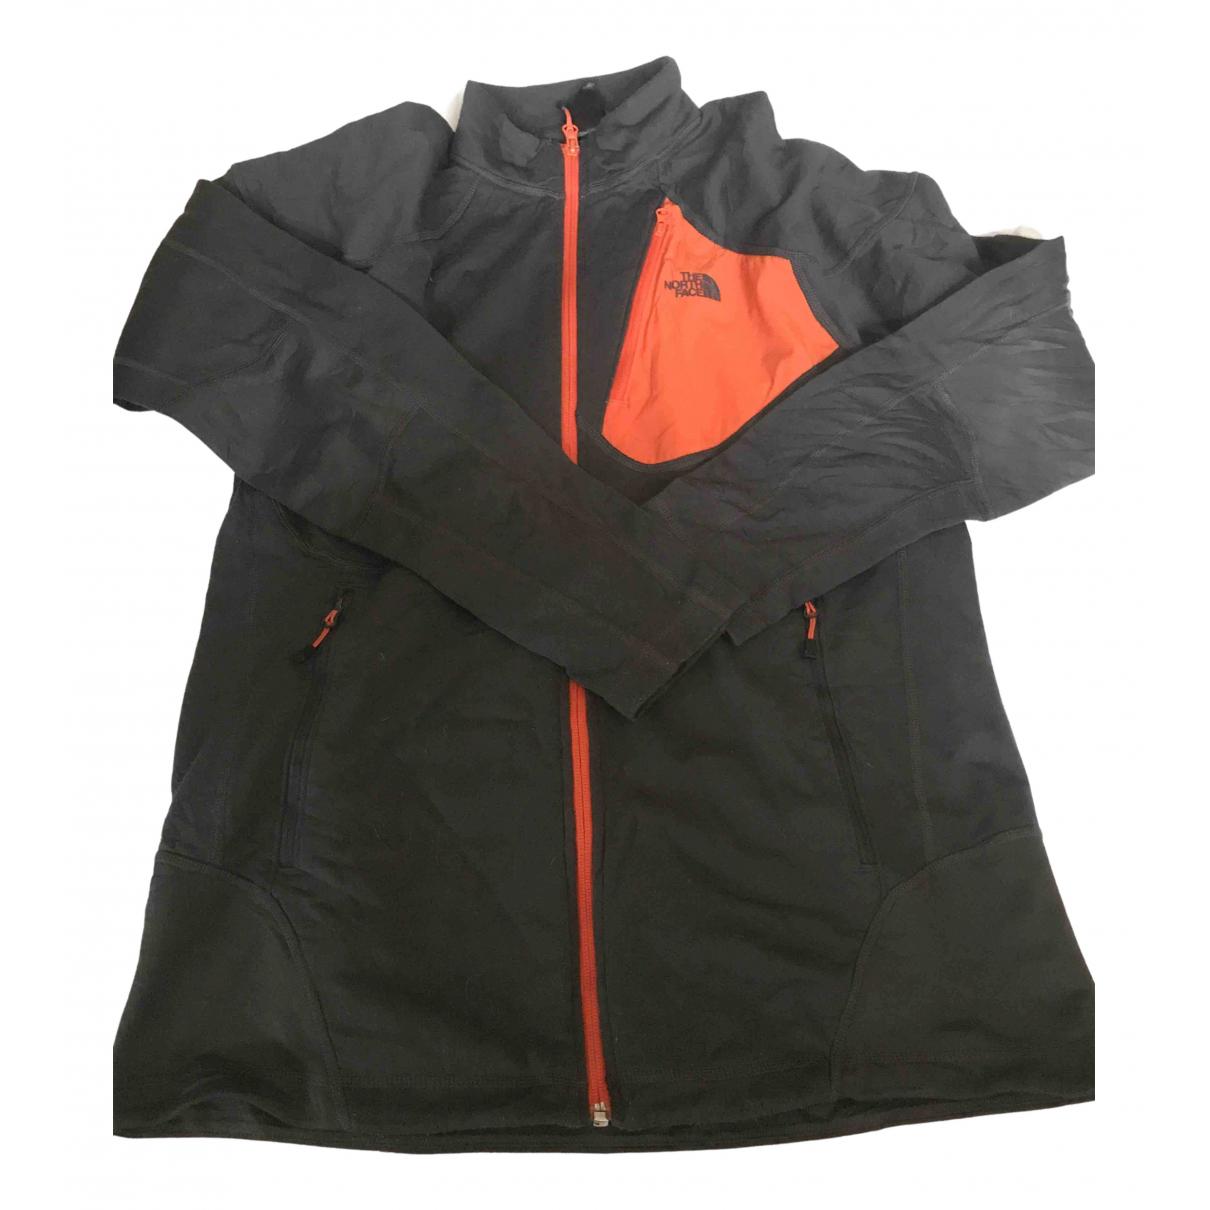 The North Face \N Black jacket  for Men M International